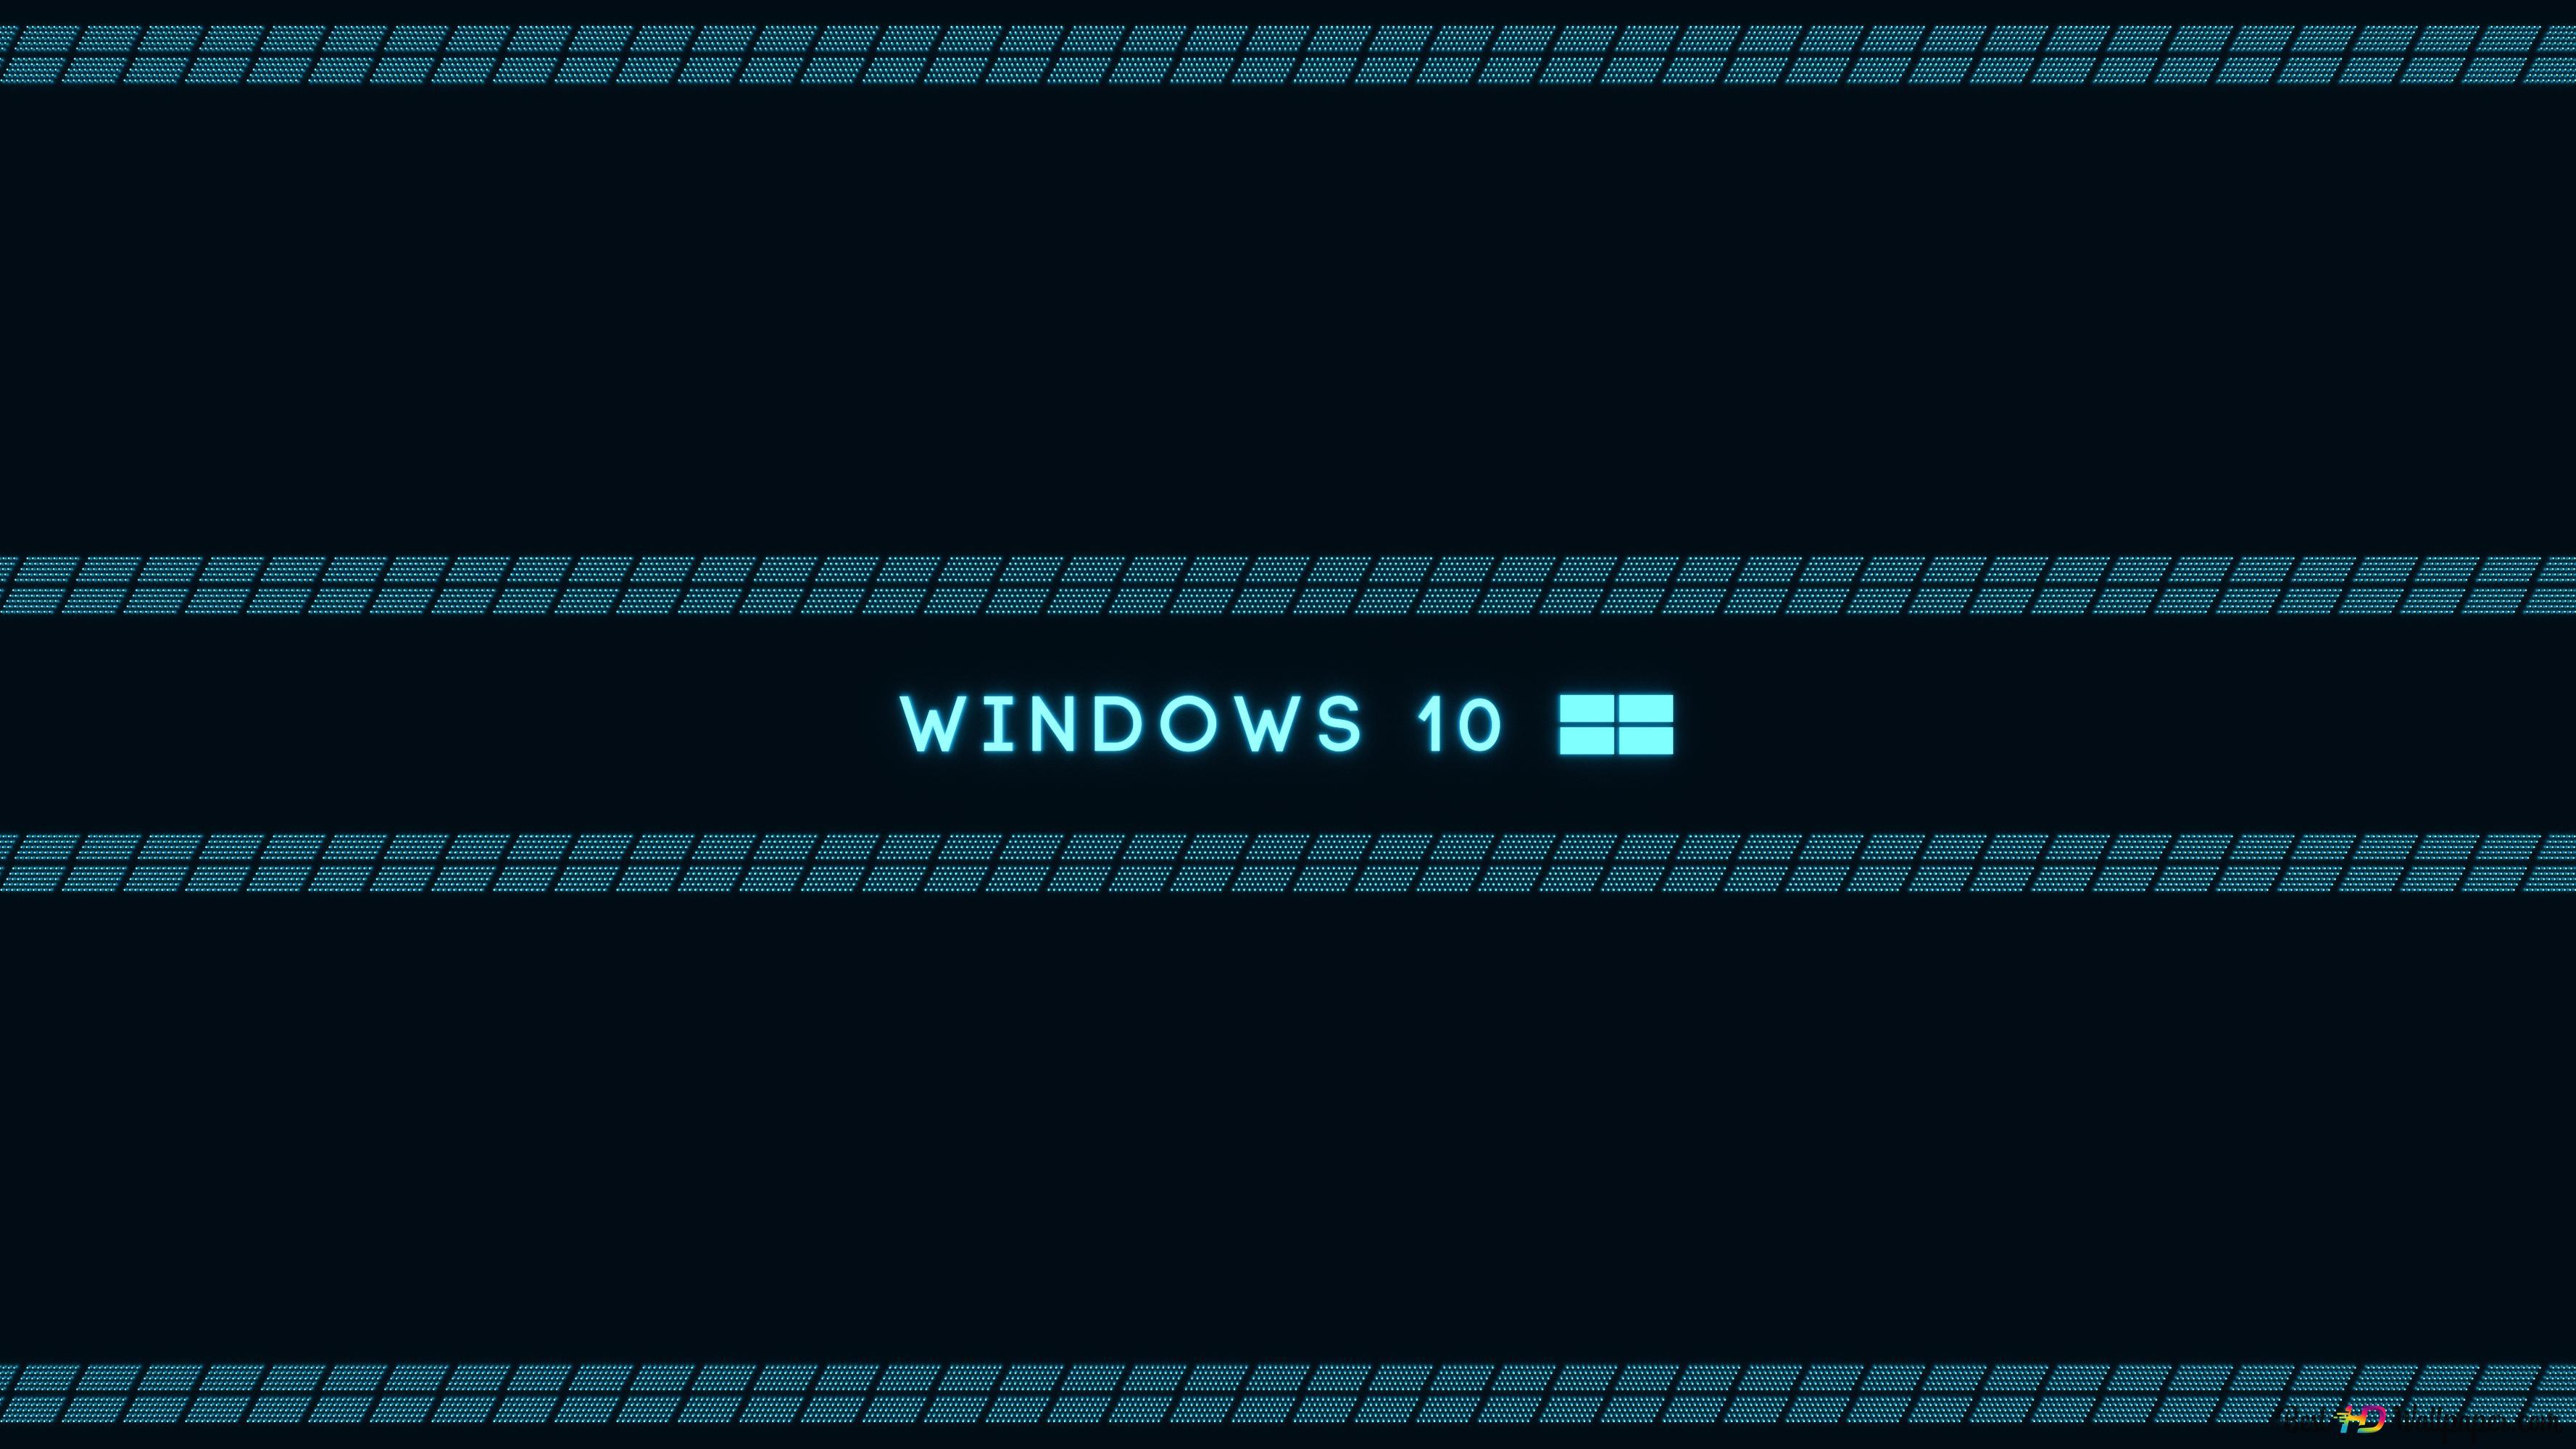 Windows 10 Arkaplan Hd Duvar Kağıdı Indir